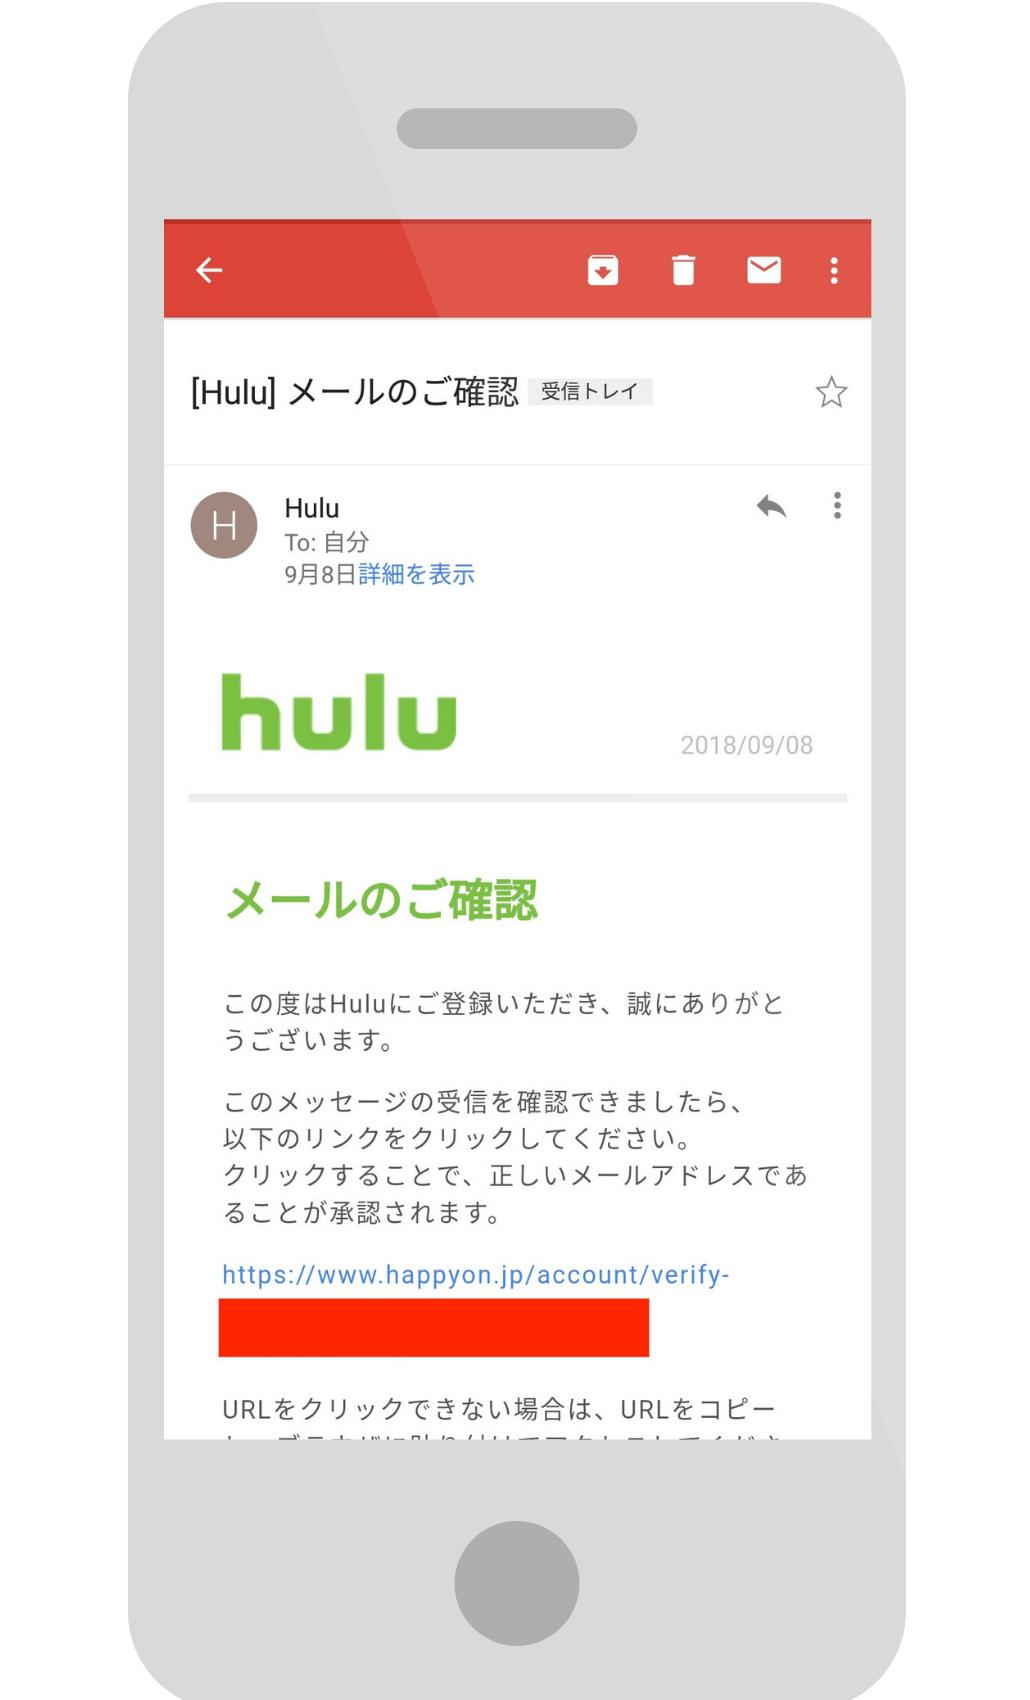 Huluの加入・入会方法